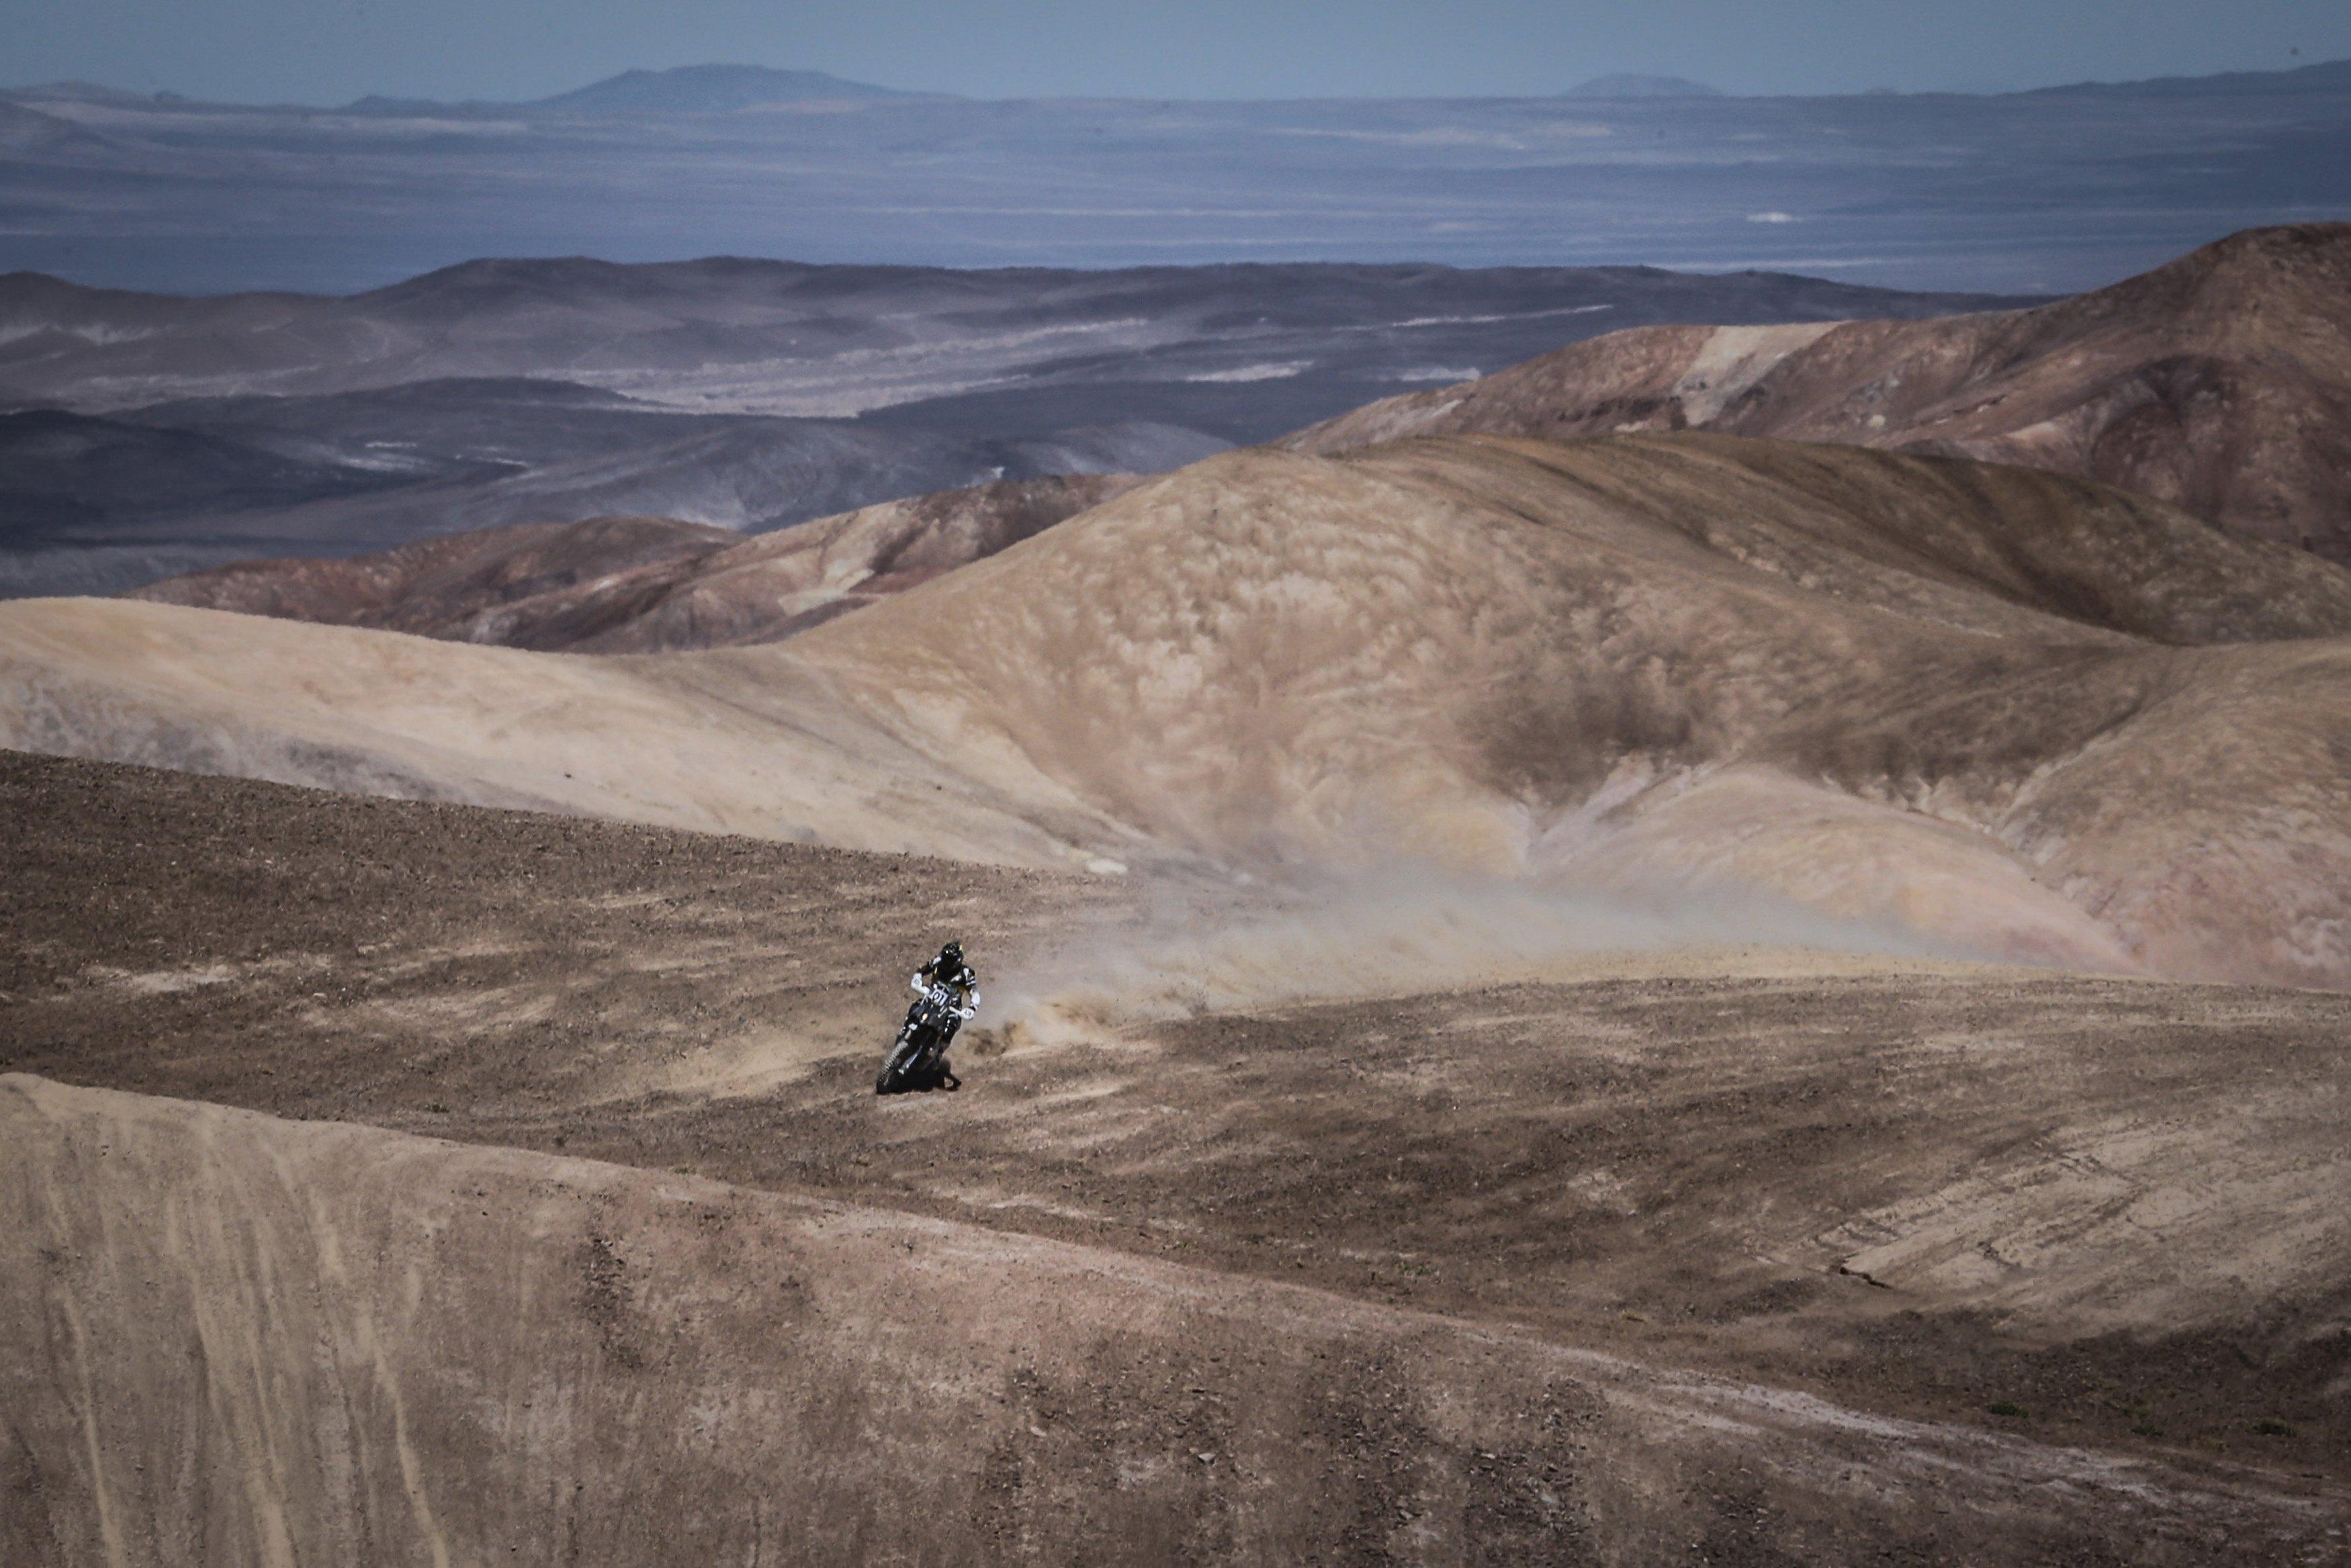 Ето как изглежда Атакама обикновено - безкрайни сухи хълмове, покрити с прах, без следа от живот